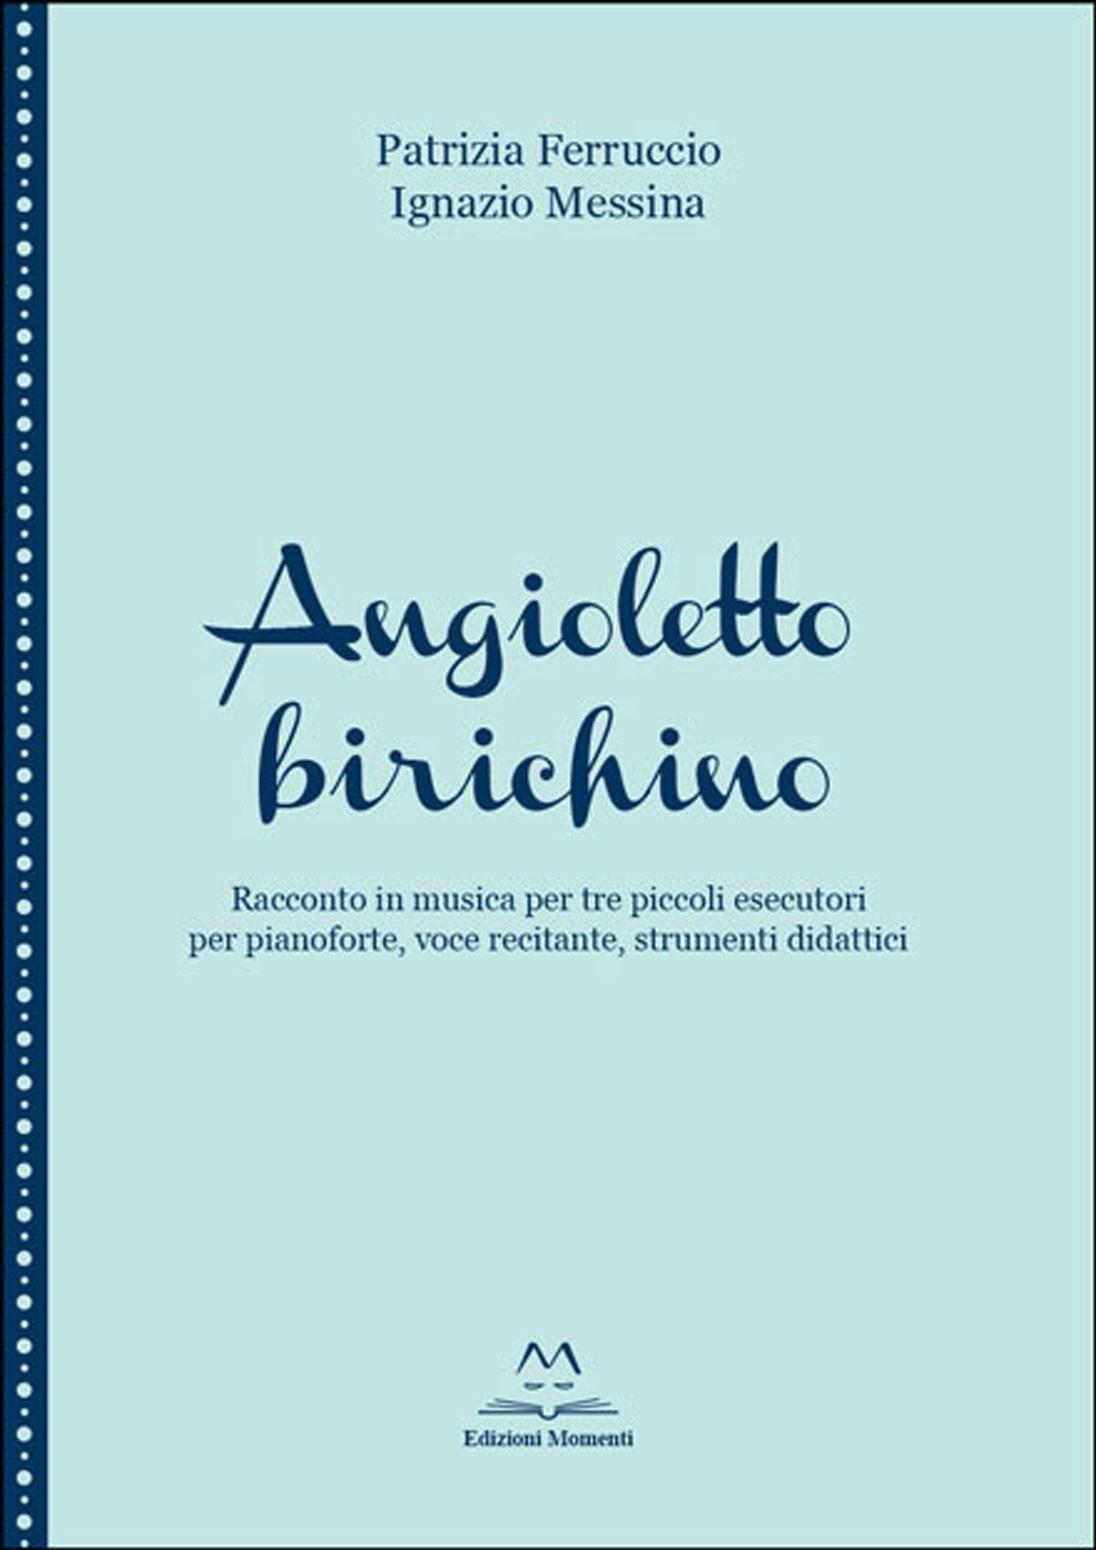 Angioletto birichino di P. Ferruccio e I. Messina